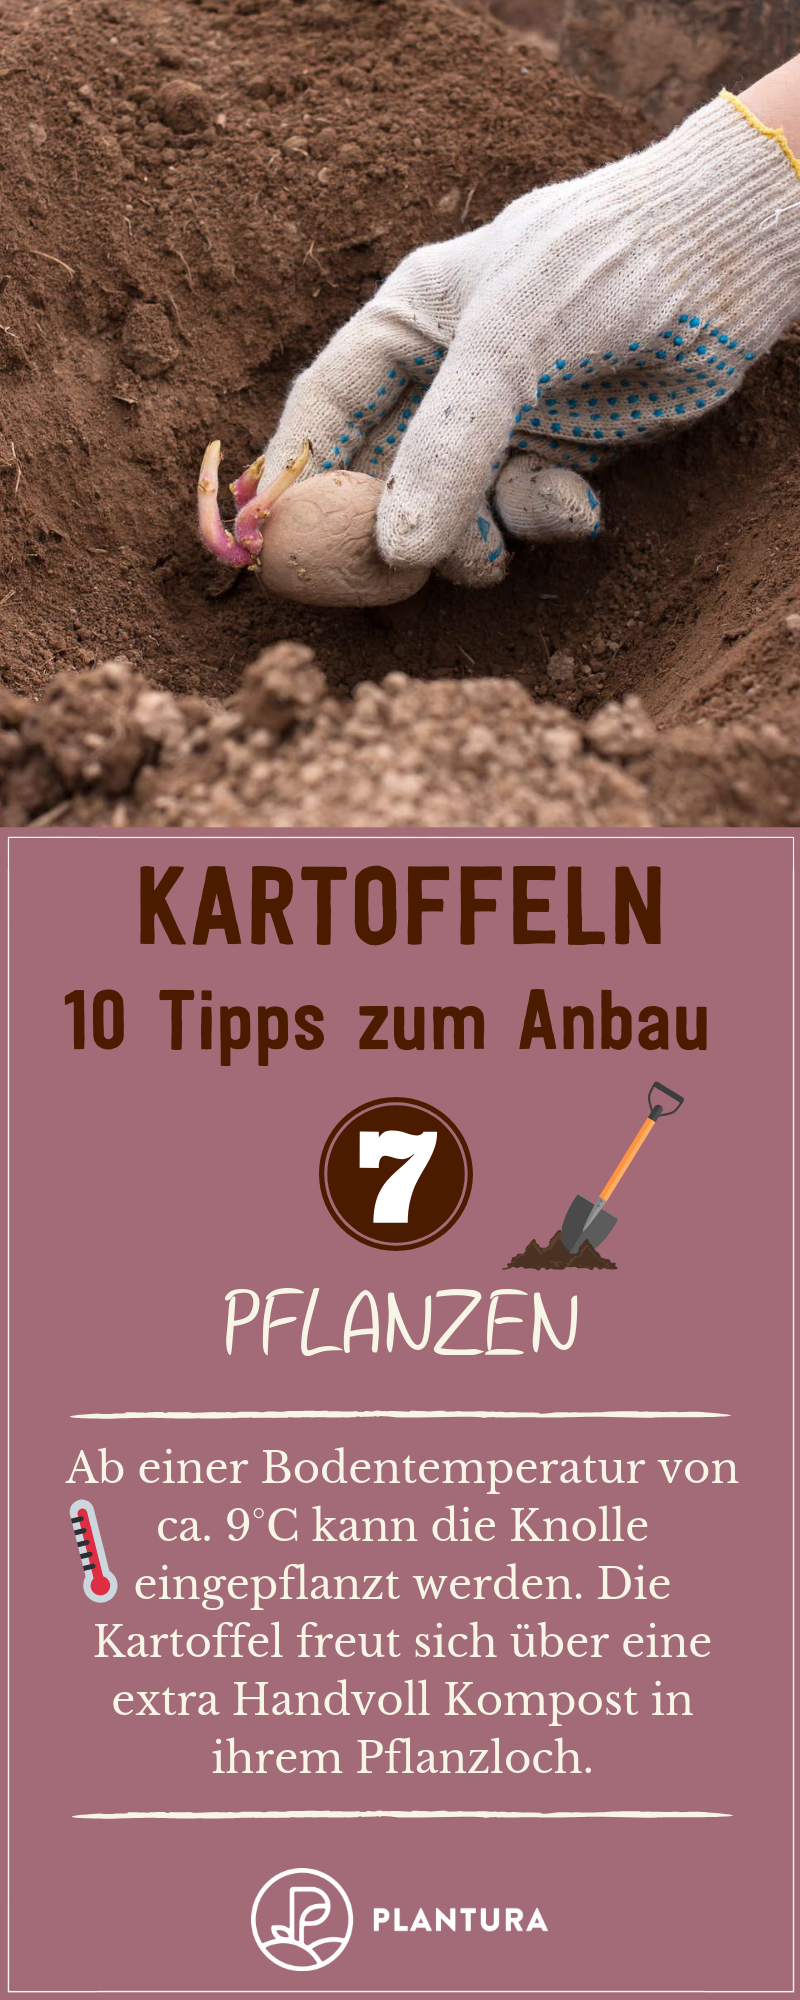 10 Tipps für den Kartoffelanbau im eigenen Garten - Plantura